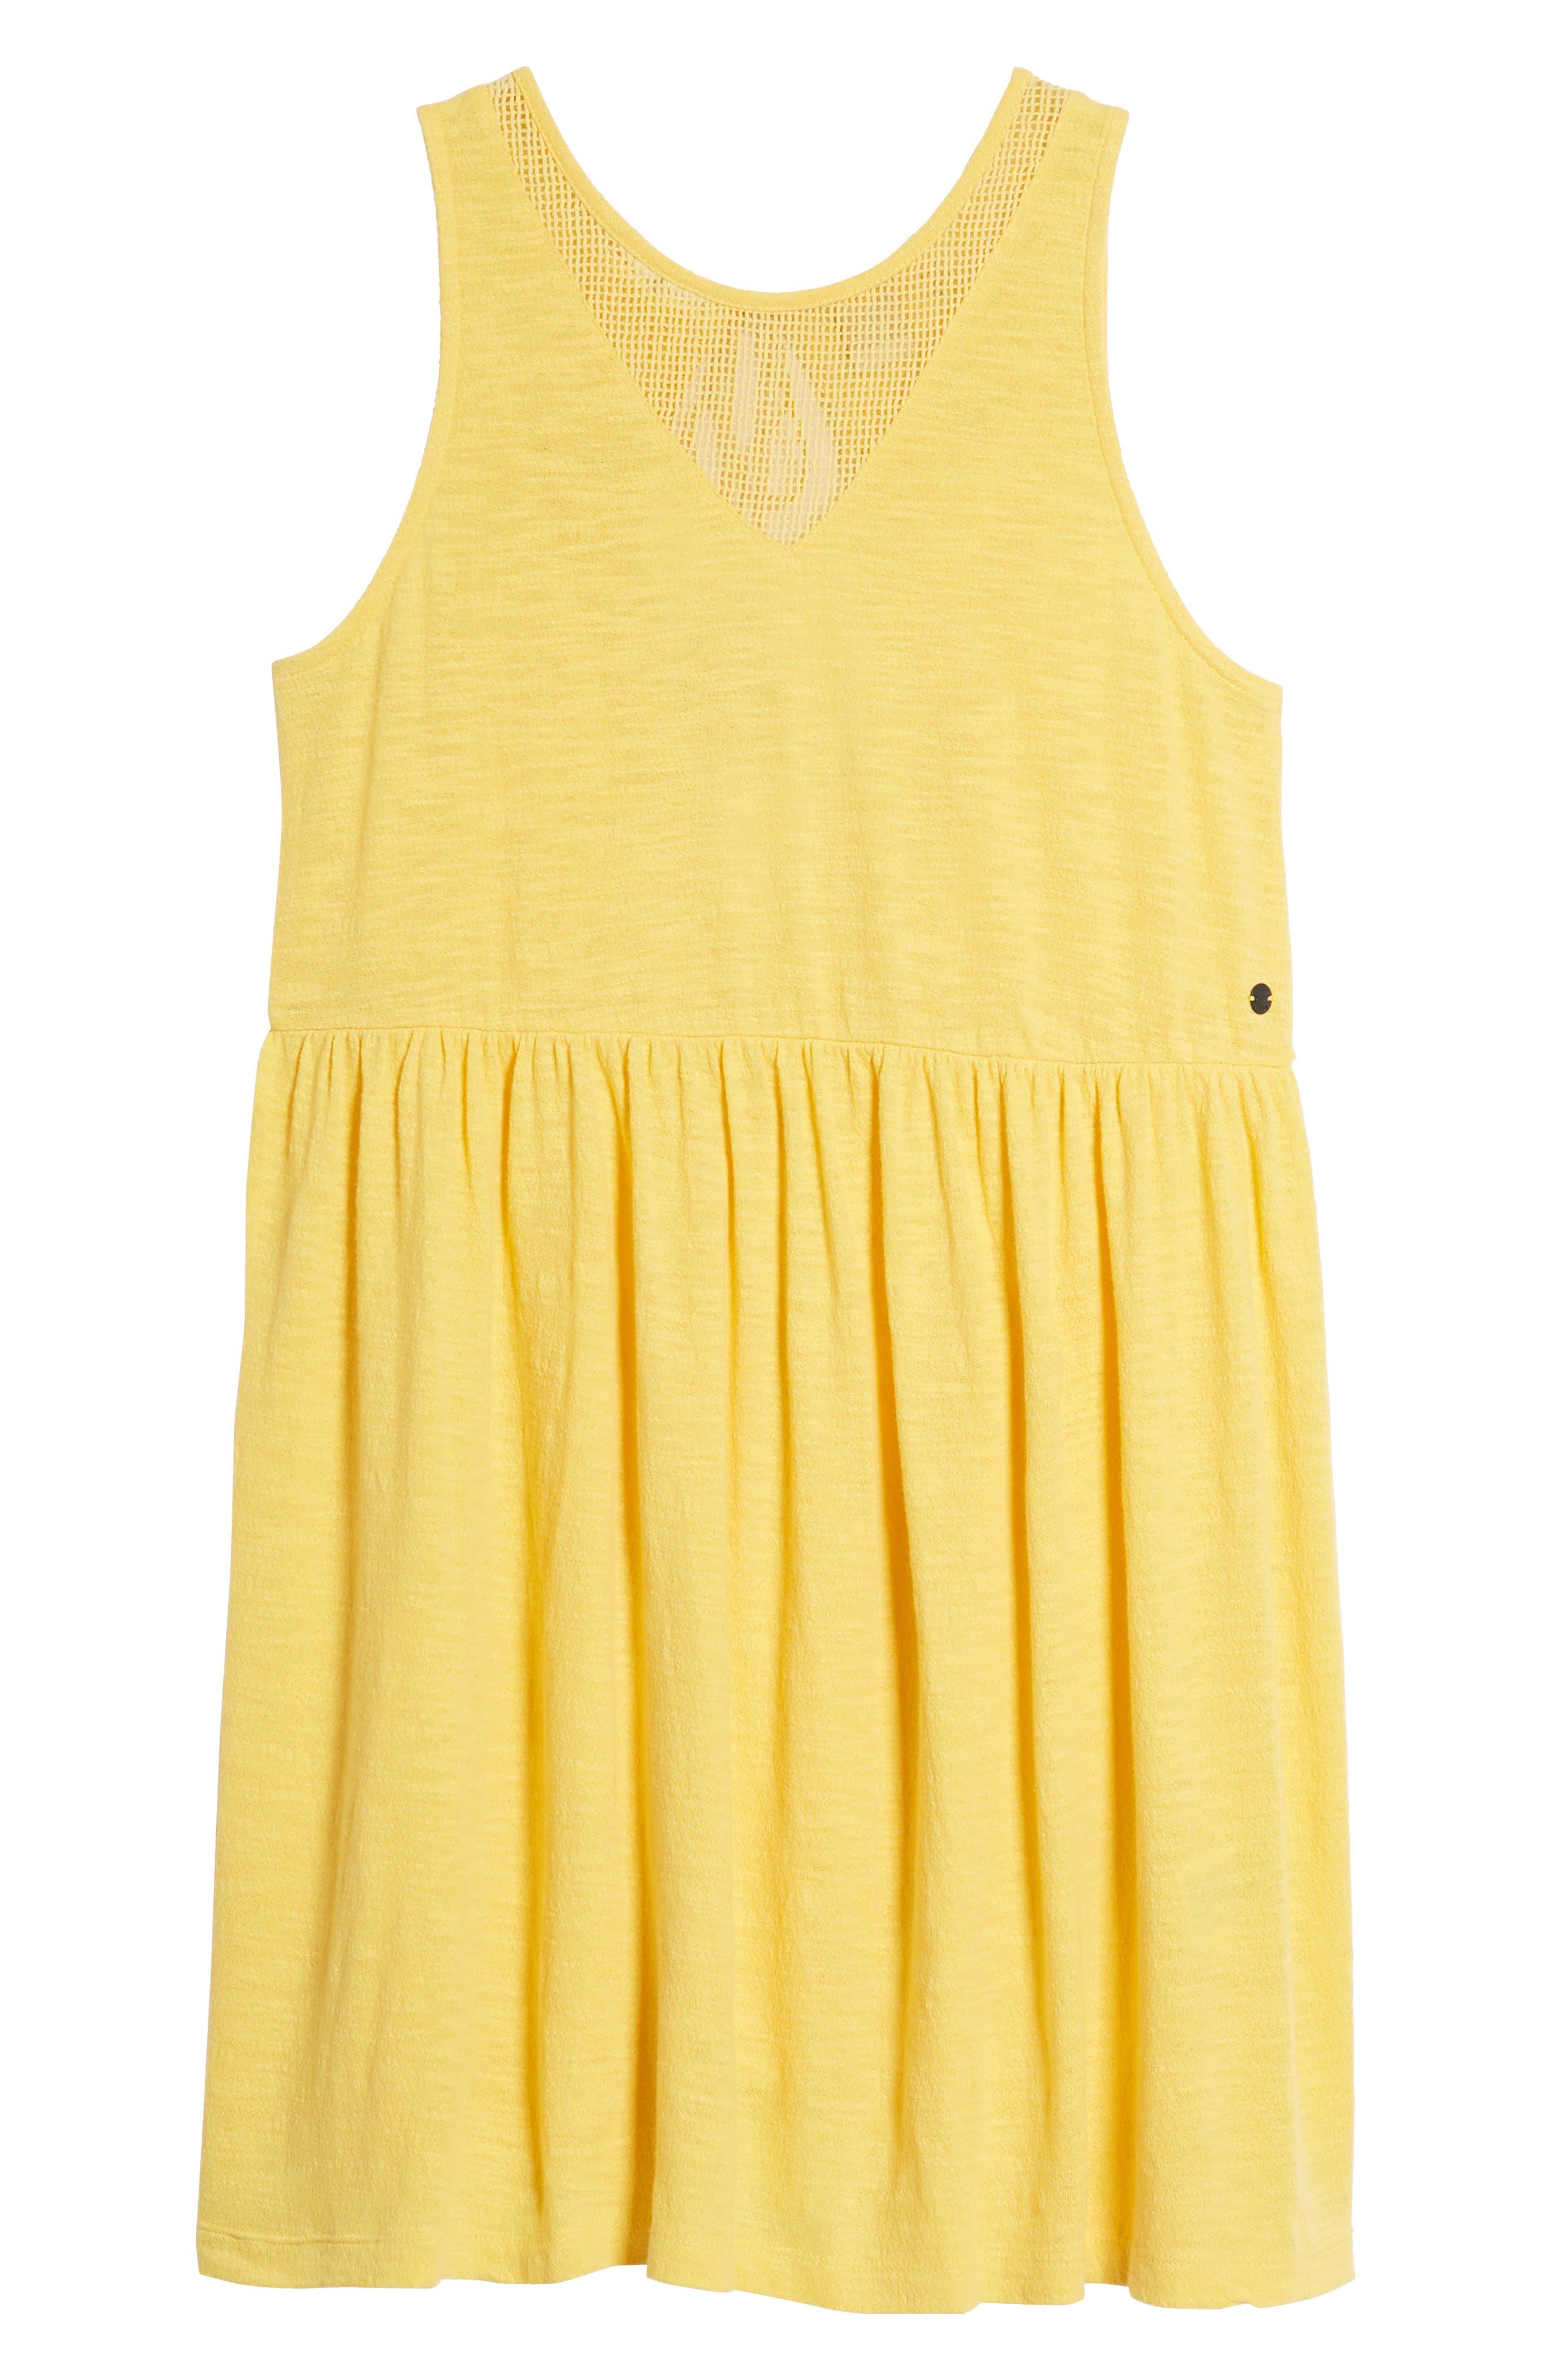 Tucson Cotton Dress,                             Alternate thumbnail 15, color,